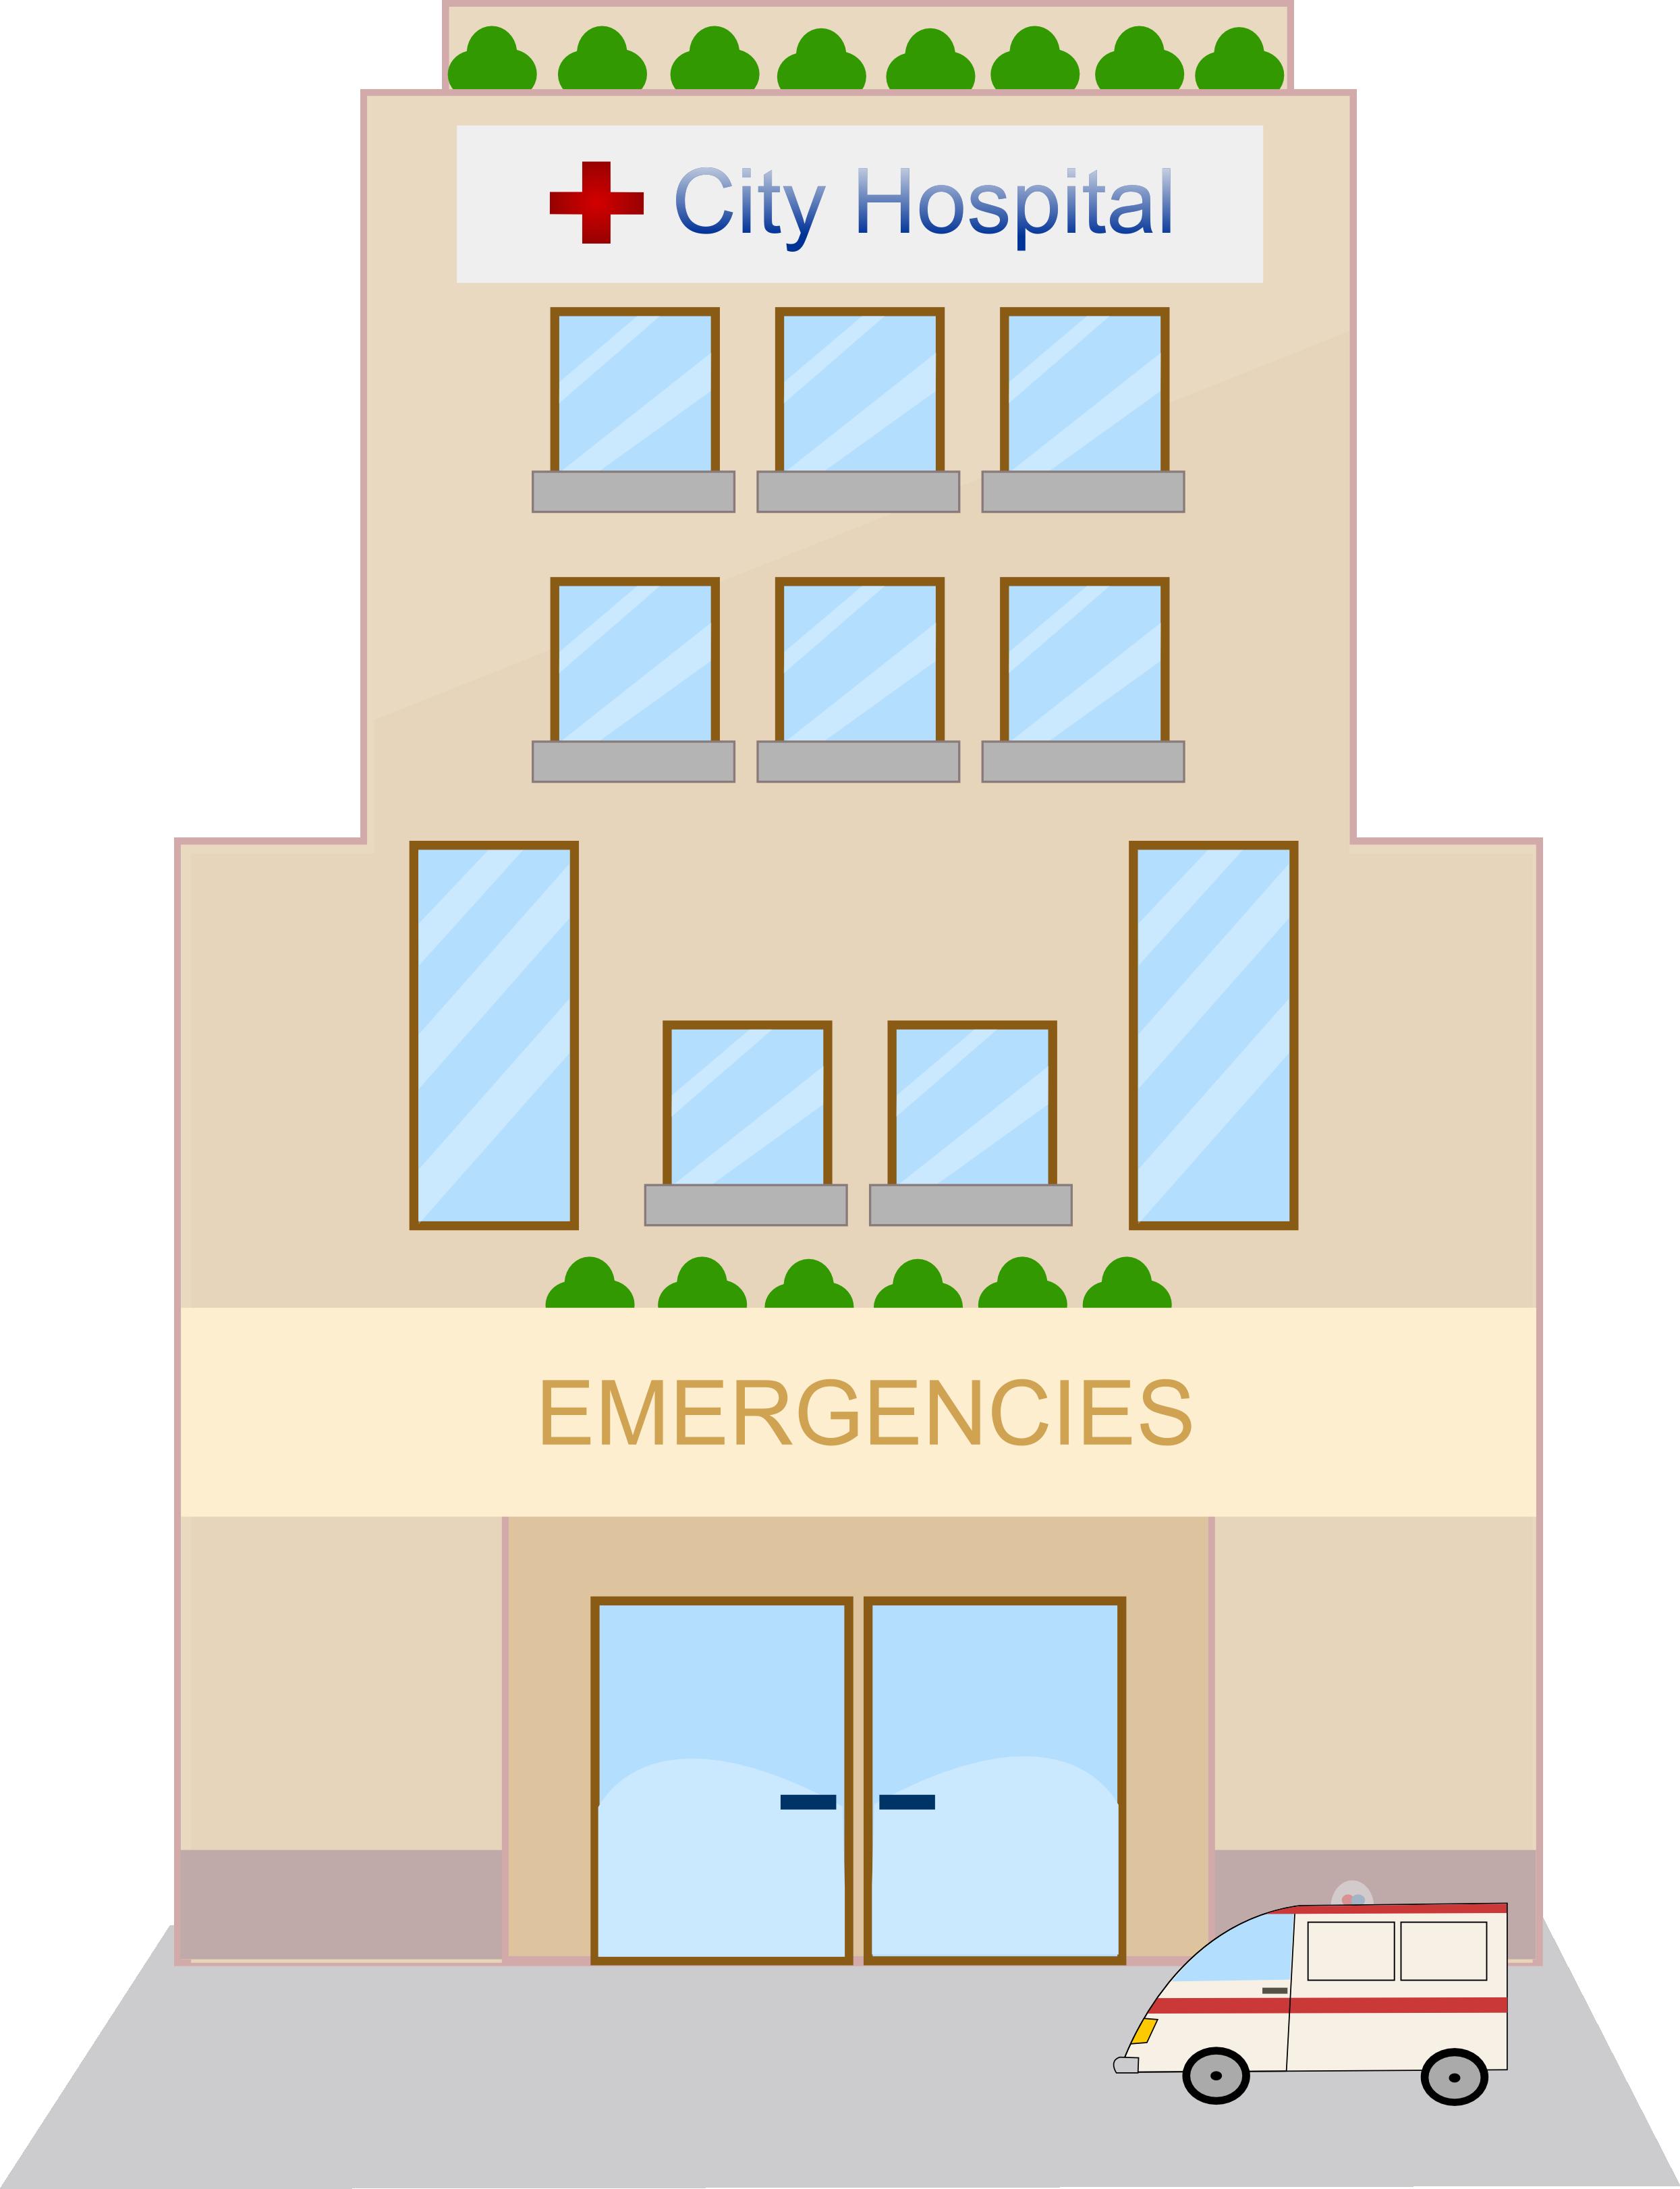 Hotel clipart public building Cartoons Cartoons VBS Hospital Ideals